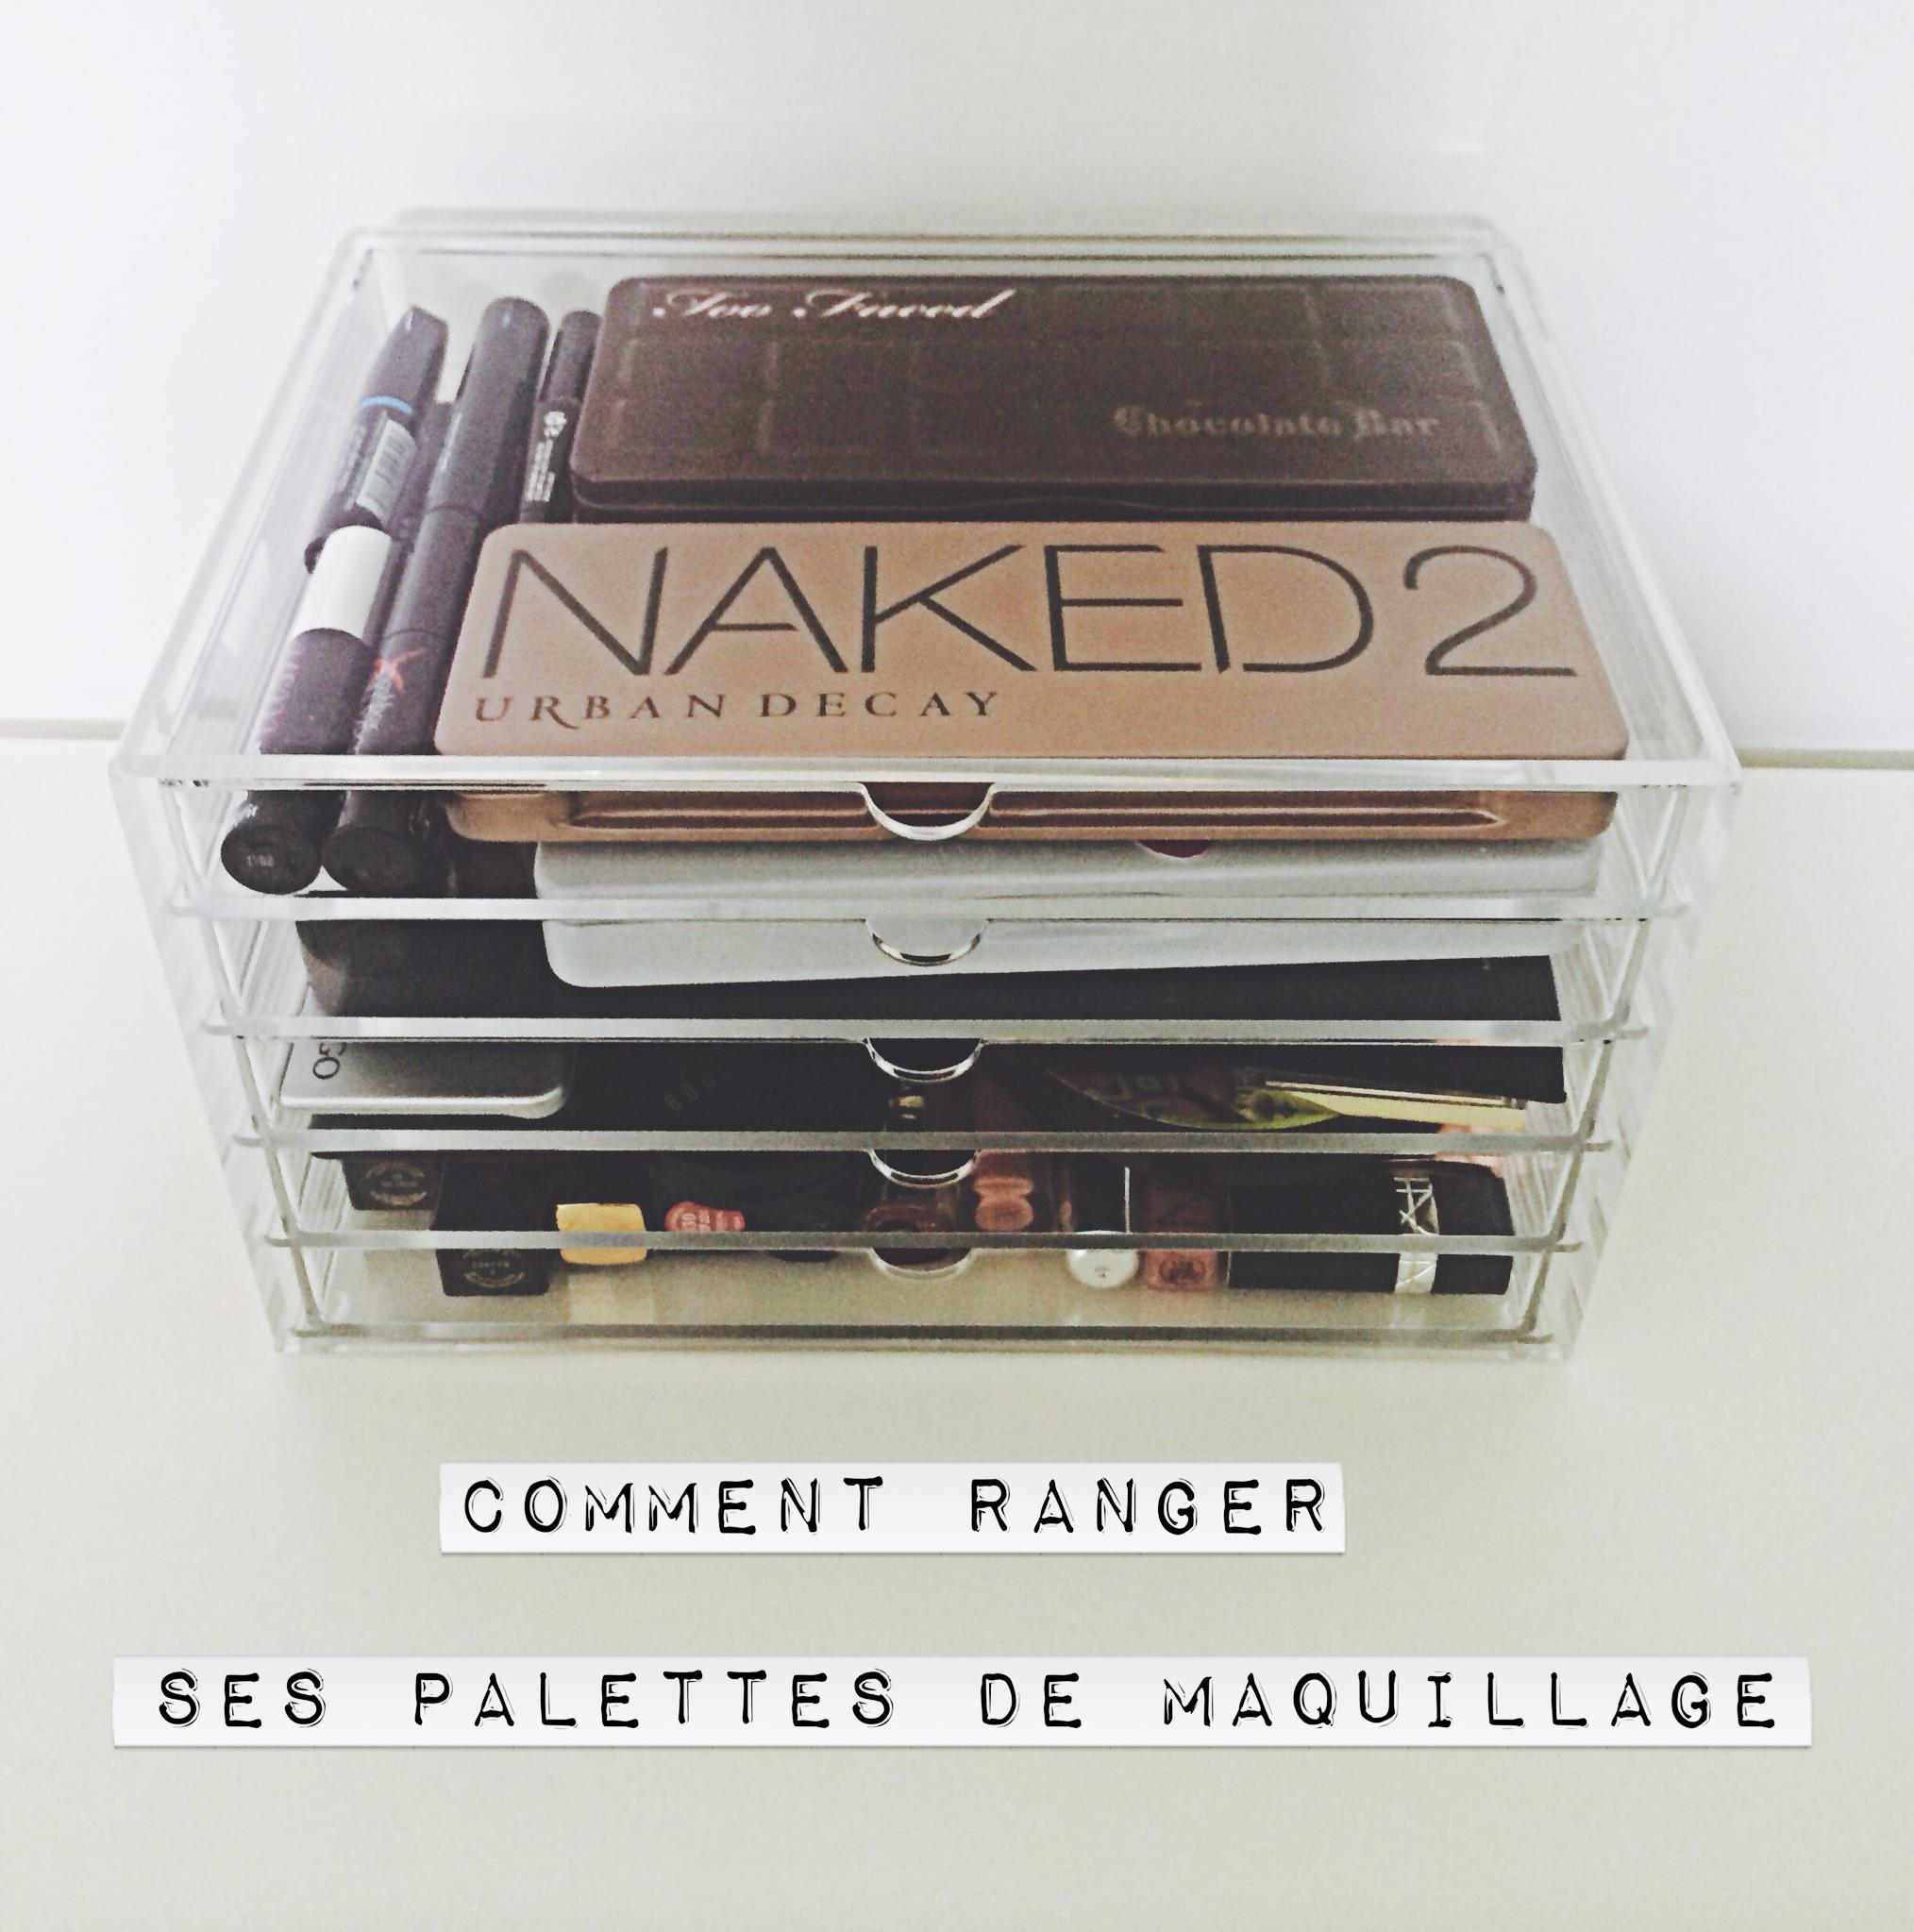 comment ranger ses palettes de maquillage dans mon sac. Black Bedroom Furniture Sets. Home Design Ideas